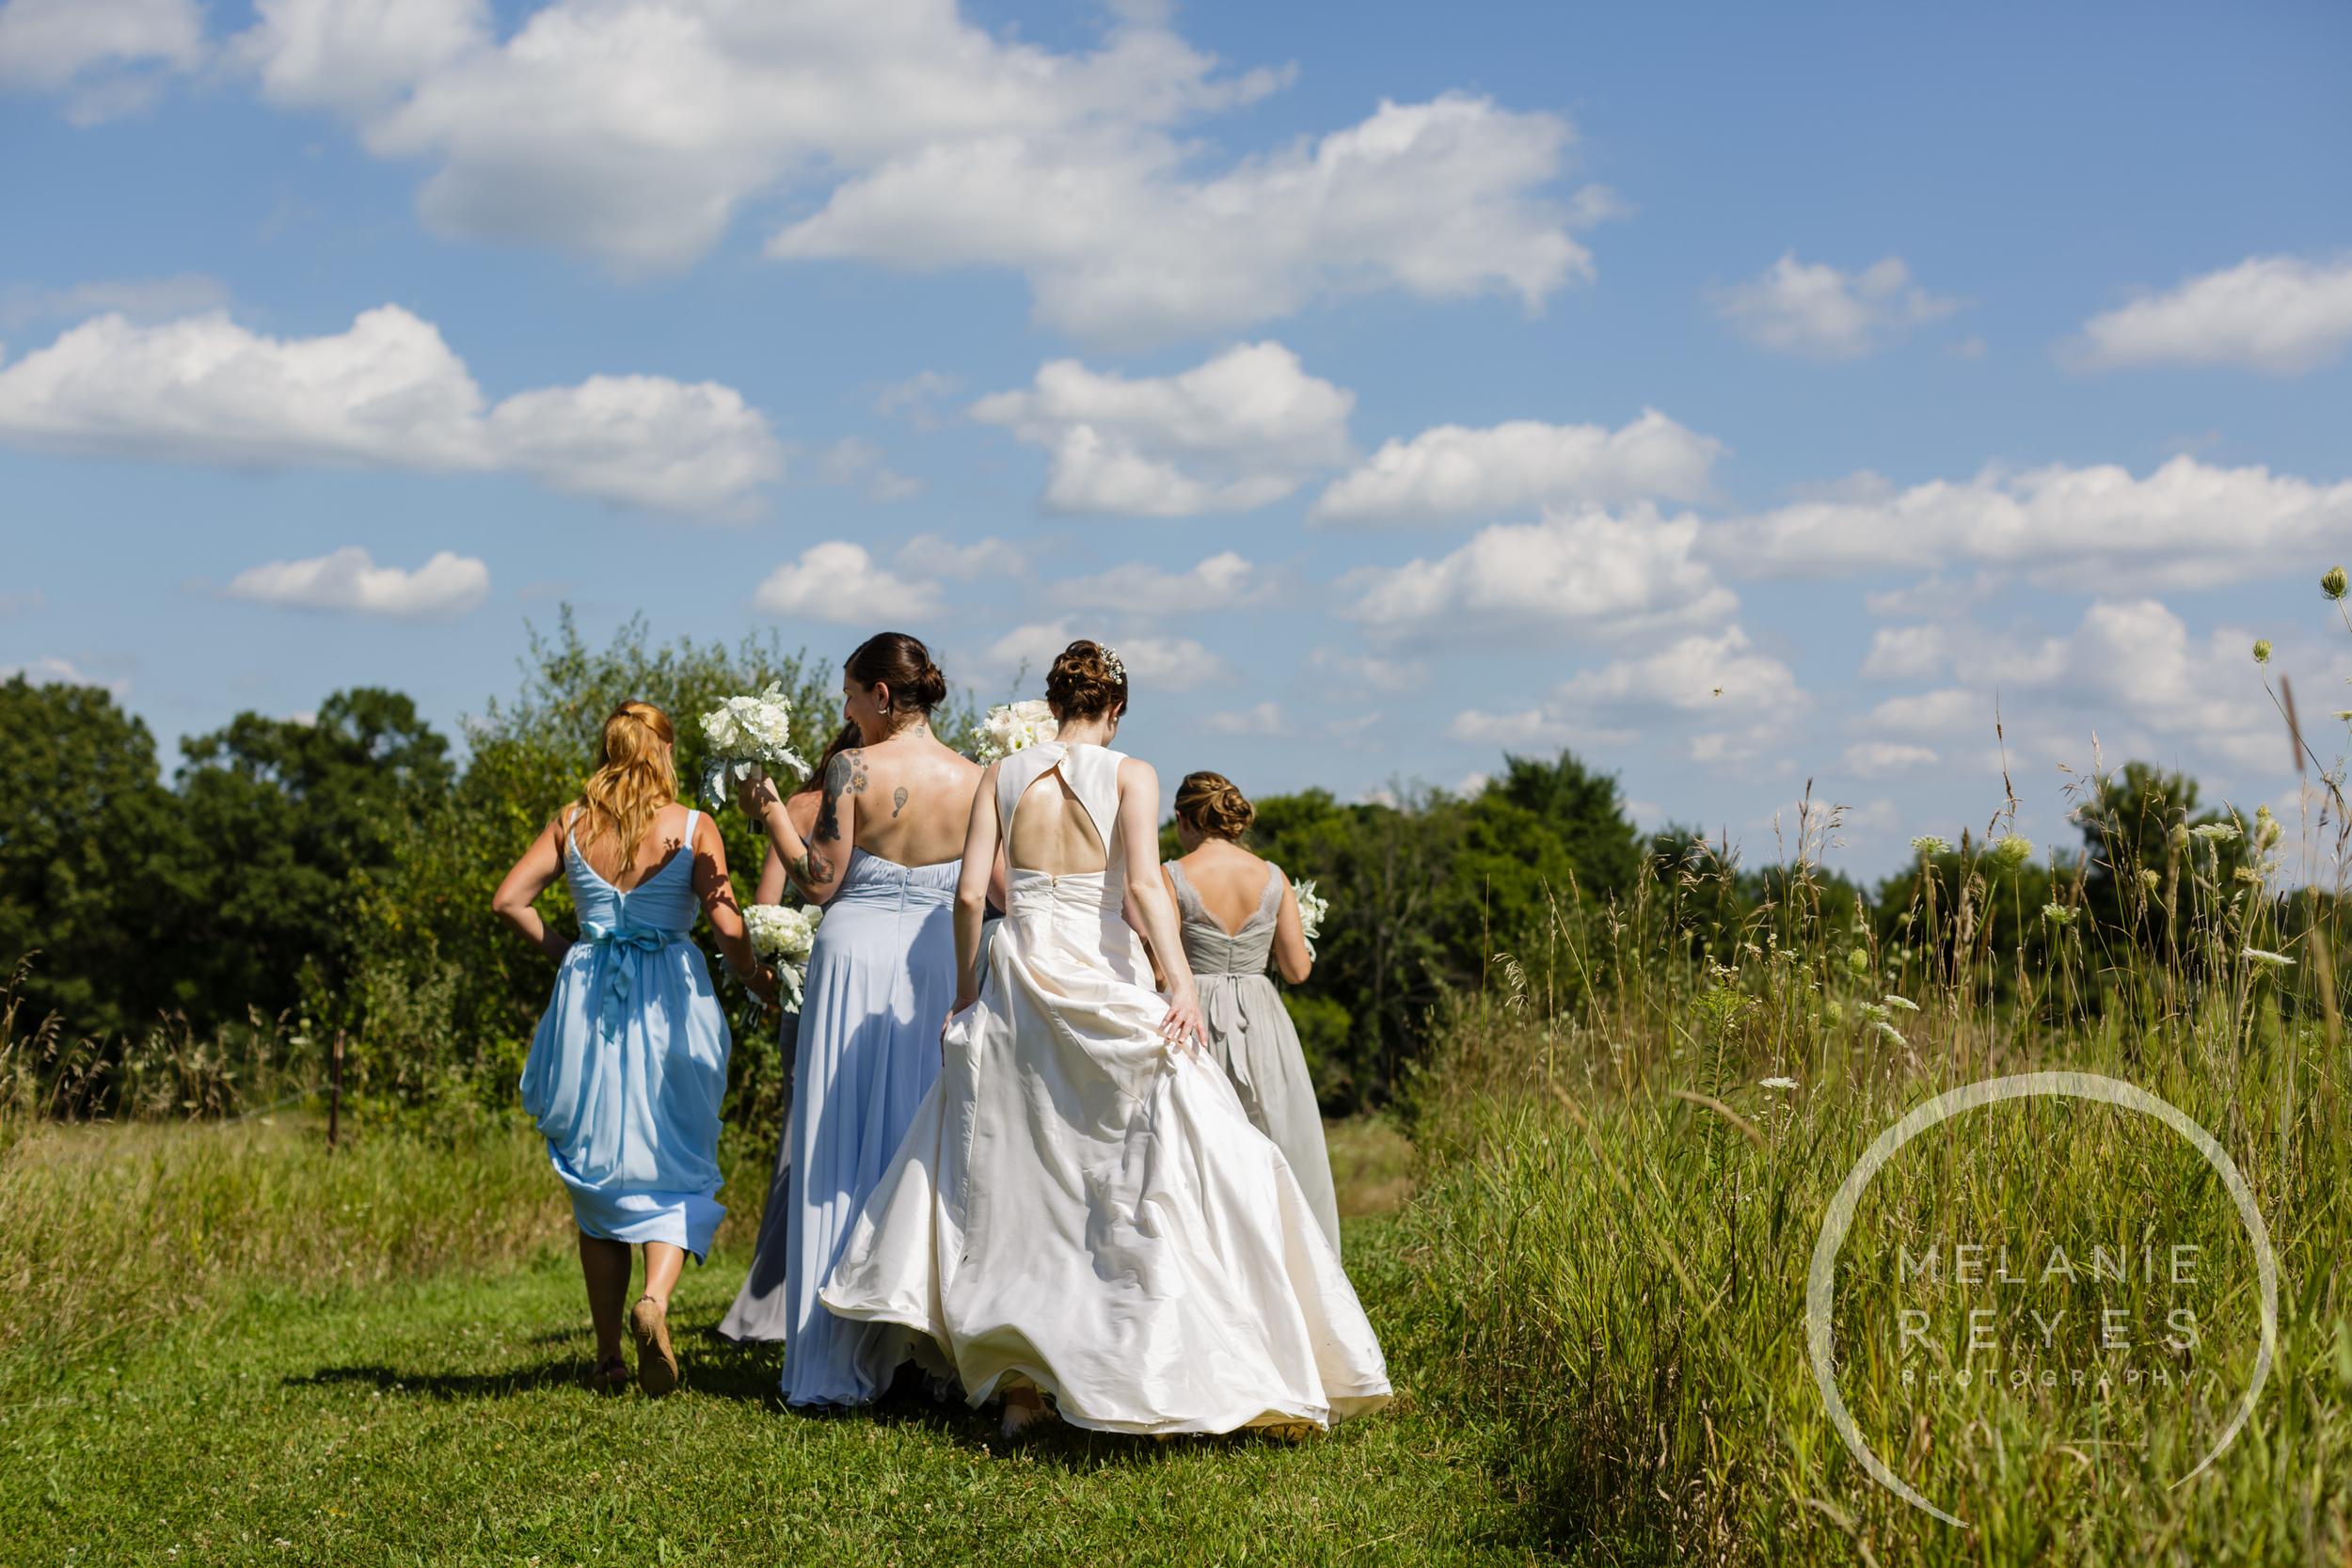 021_farm_wedding_melanie_reyes.JPG